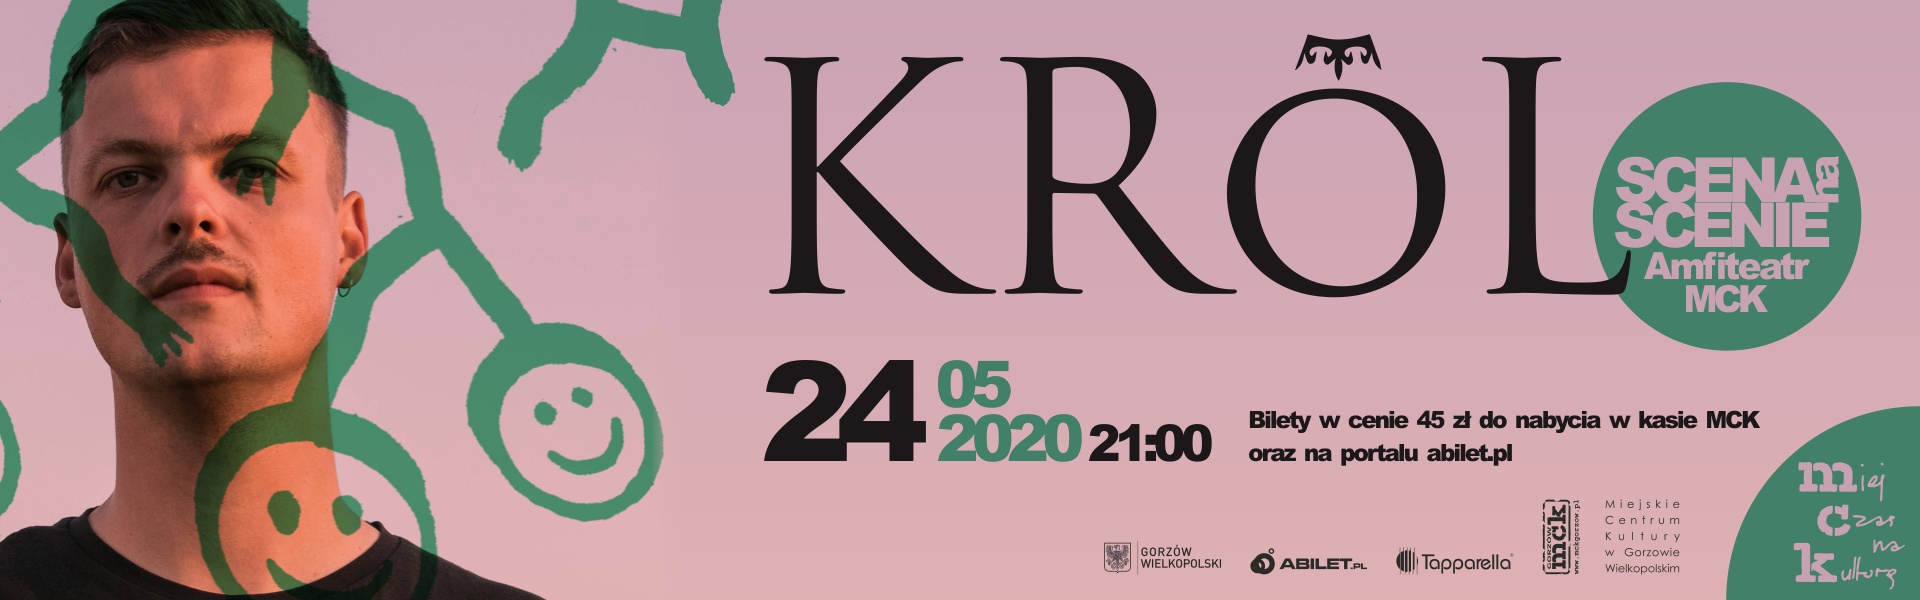 Baner wydarzenia Scena na scenie 2020 - Król 24 maja 2020